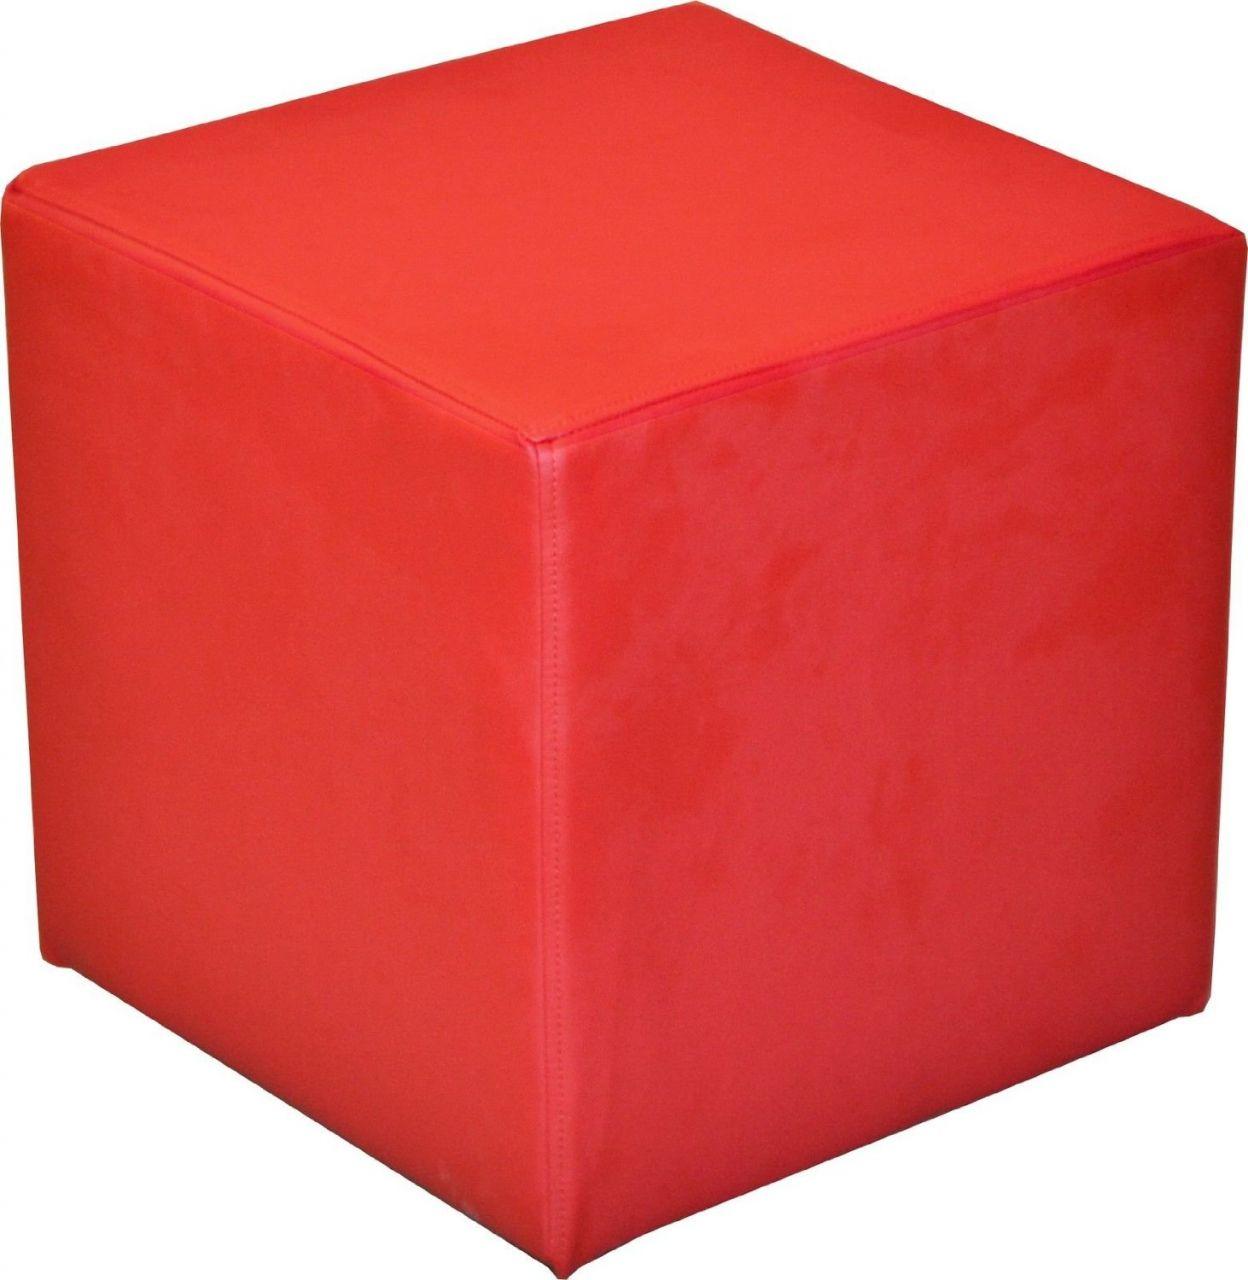 Sitzwurfel Sitzhocker Schminkhocker Hocker Sessel Kunstleder Rot